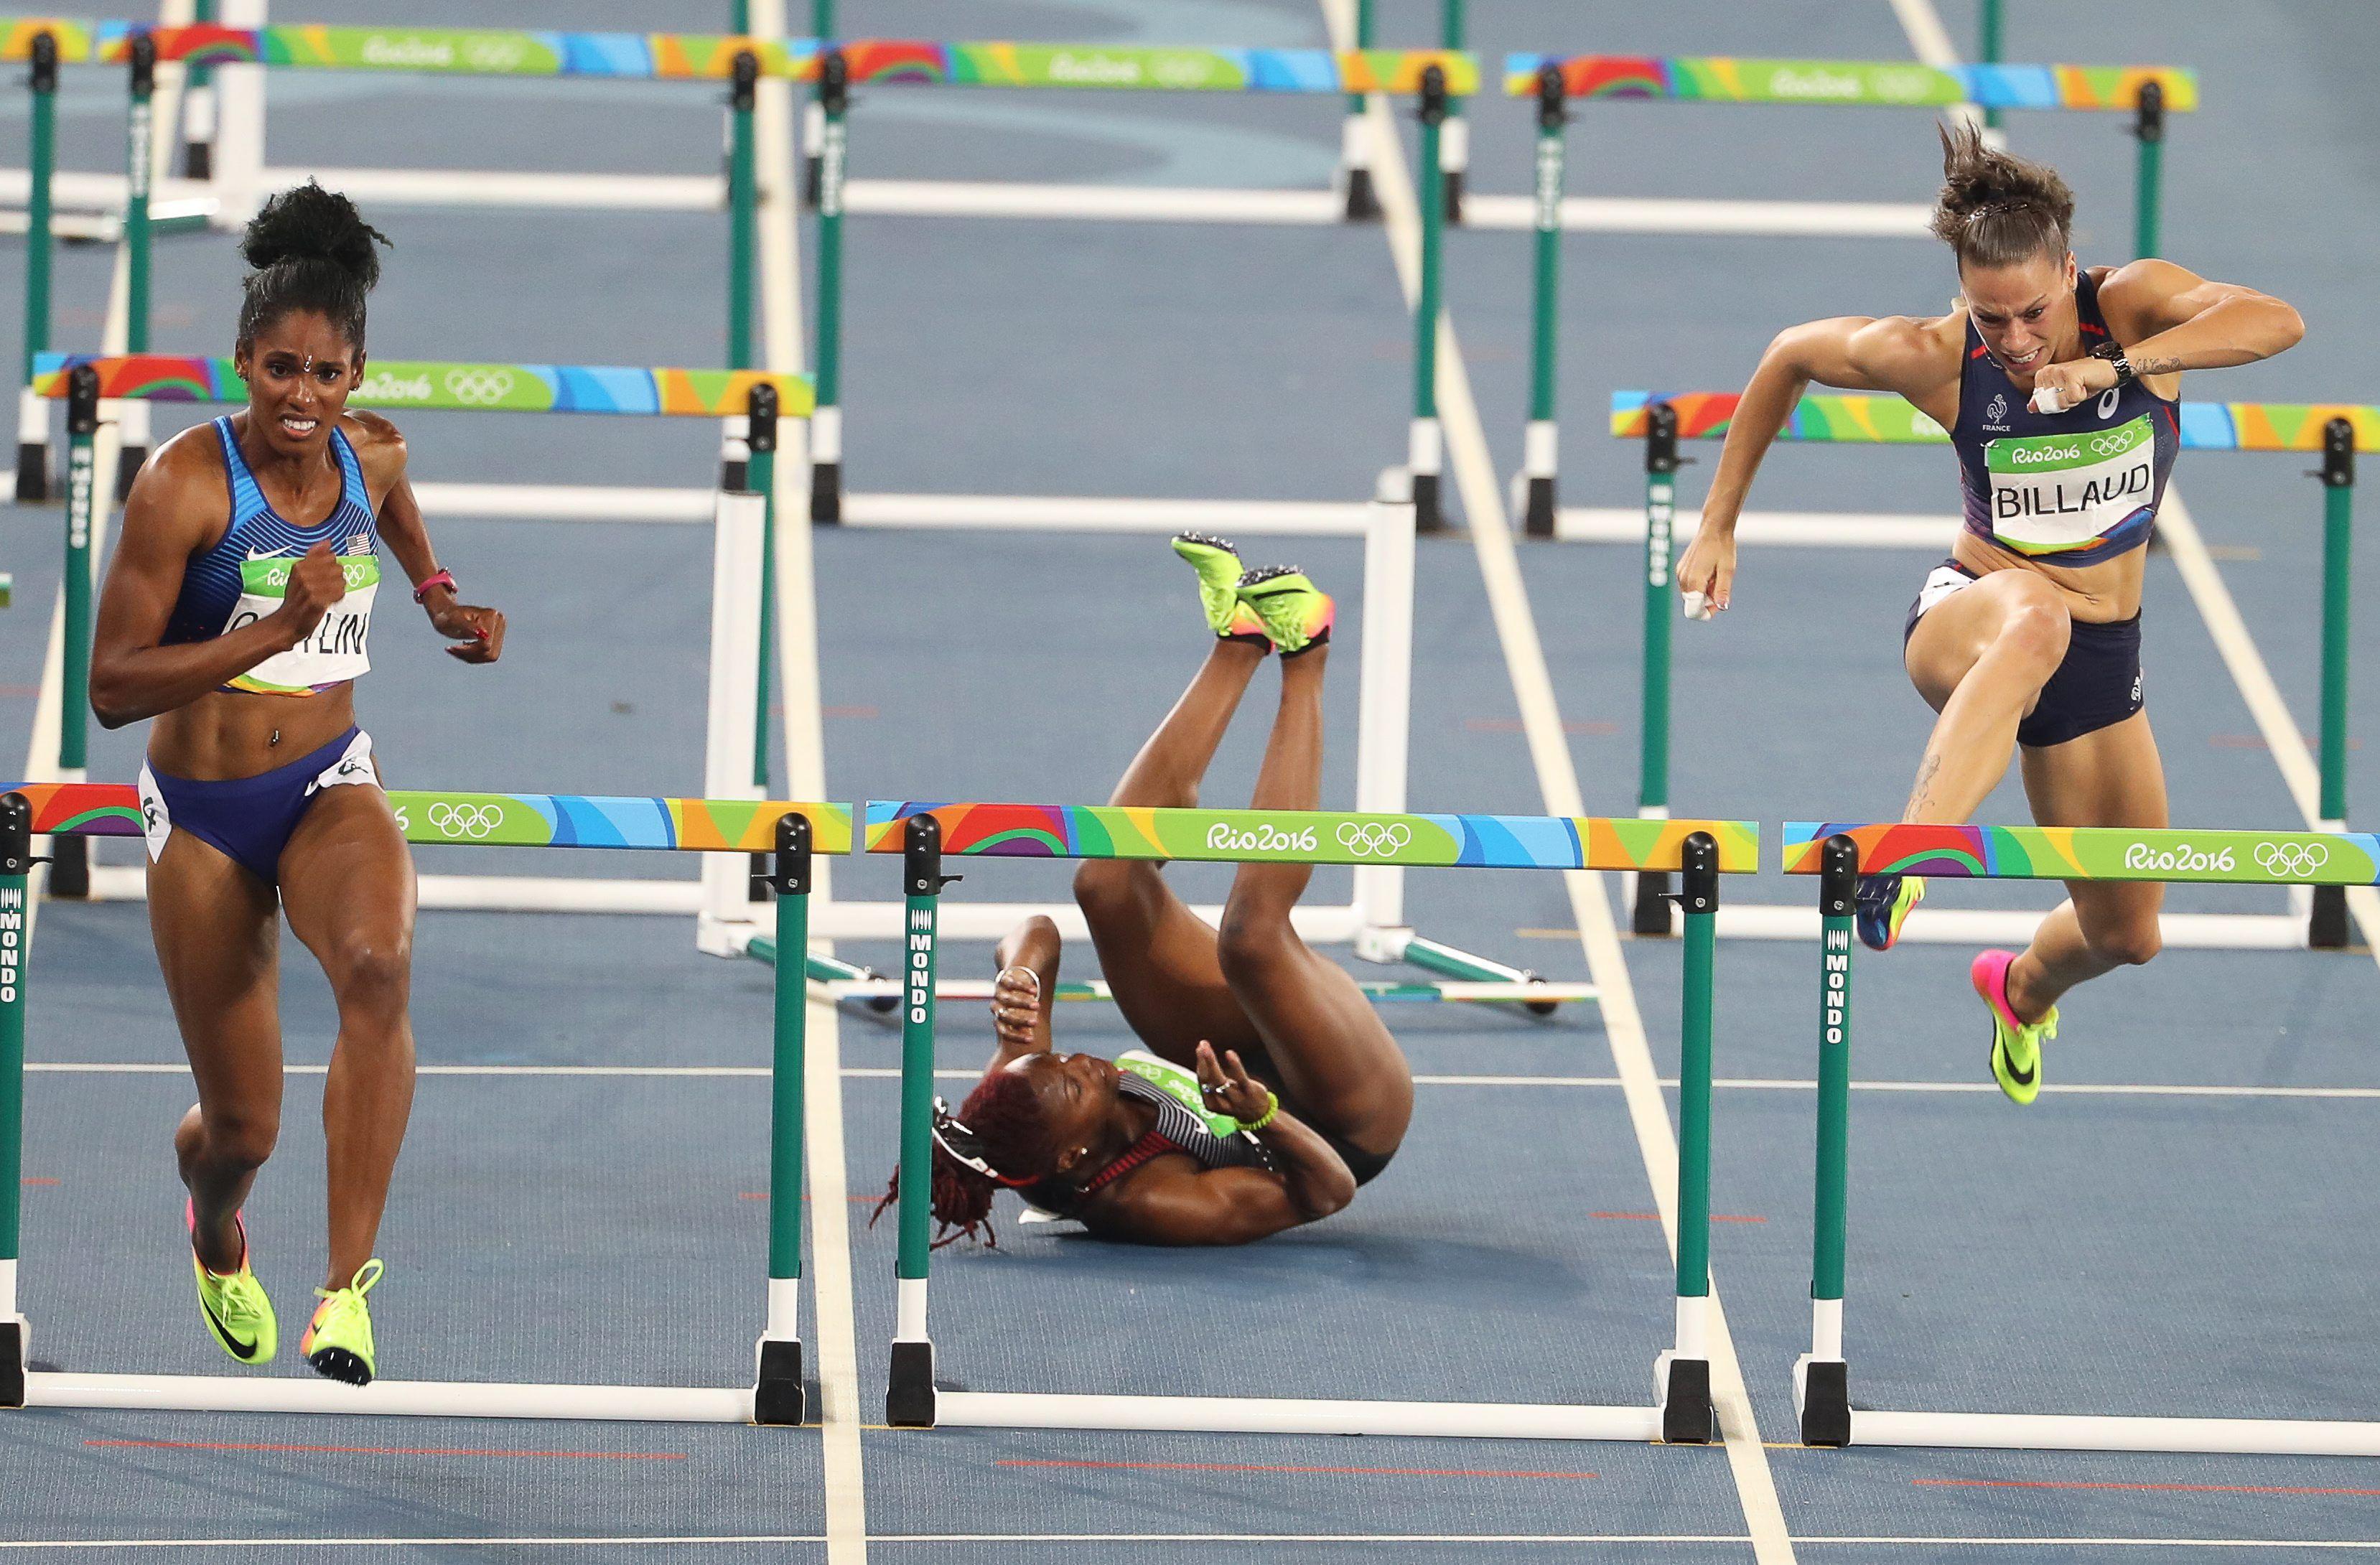 De boca al piso: se llevó puesta una valla y no pudo terminar la carrera